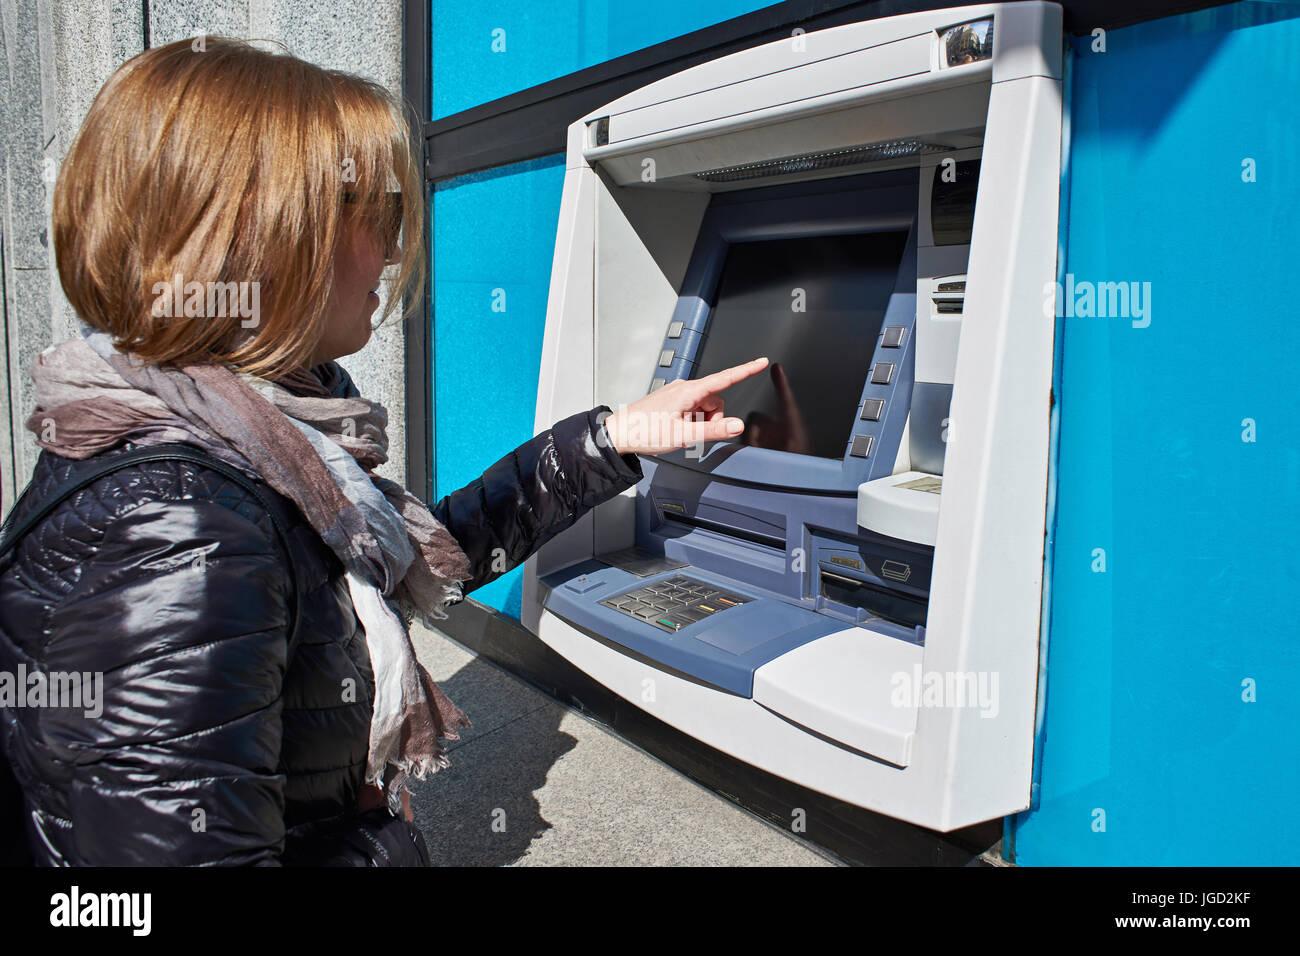 Sur l'écran tactile femme utilise un distributeur automatique Photo Stock